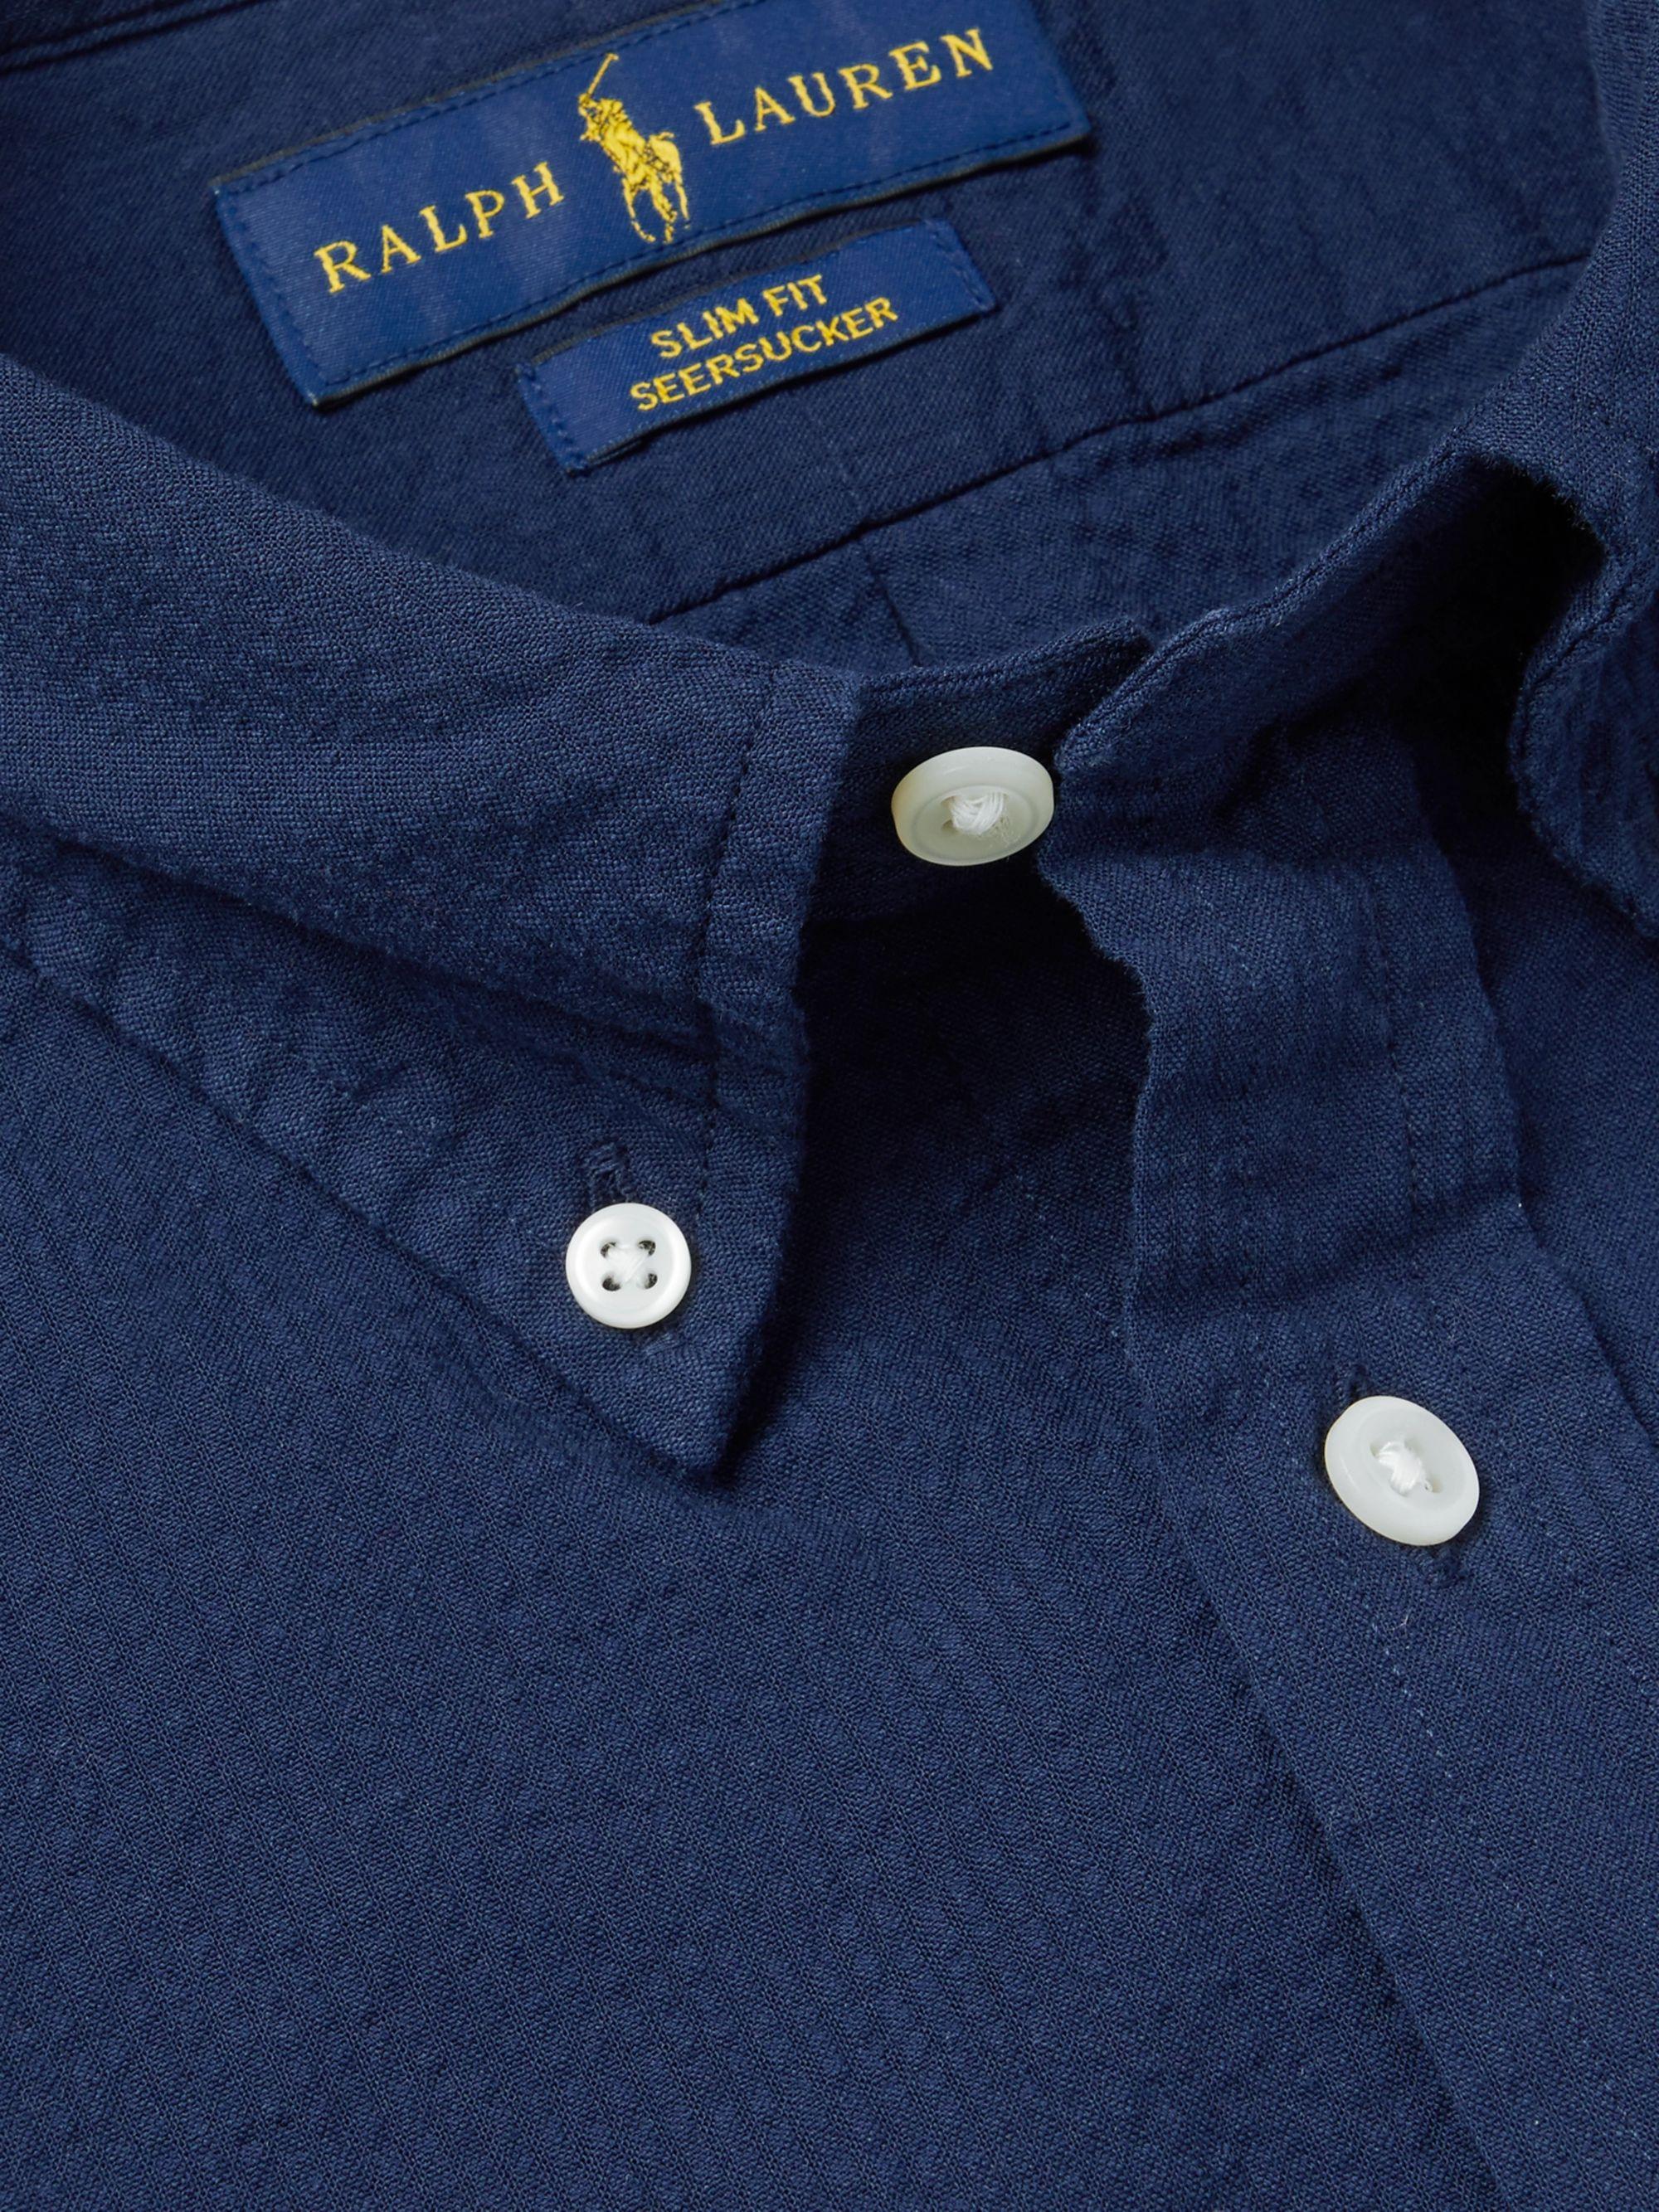 Navy Slim Fit Button Down Collar Cotton Seersucker Shirt Polo